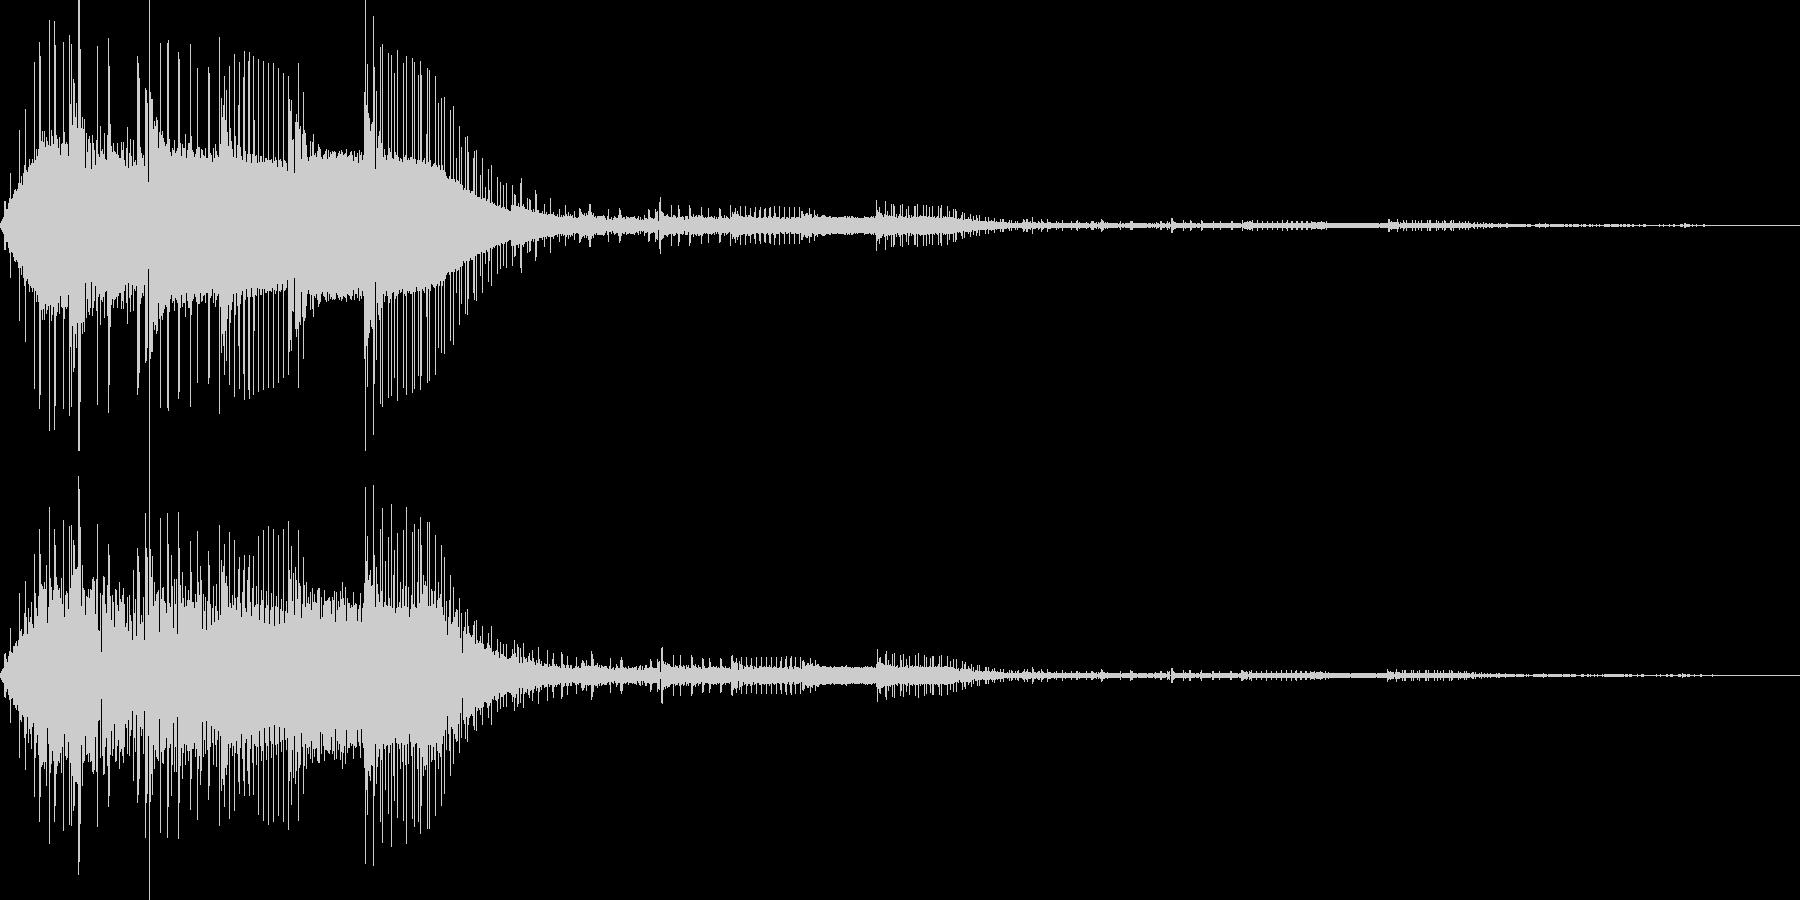 決定(8bit風)の未再生の波形